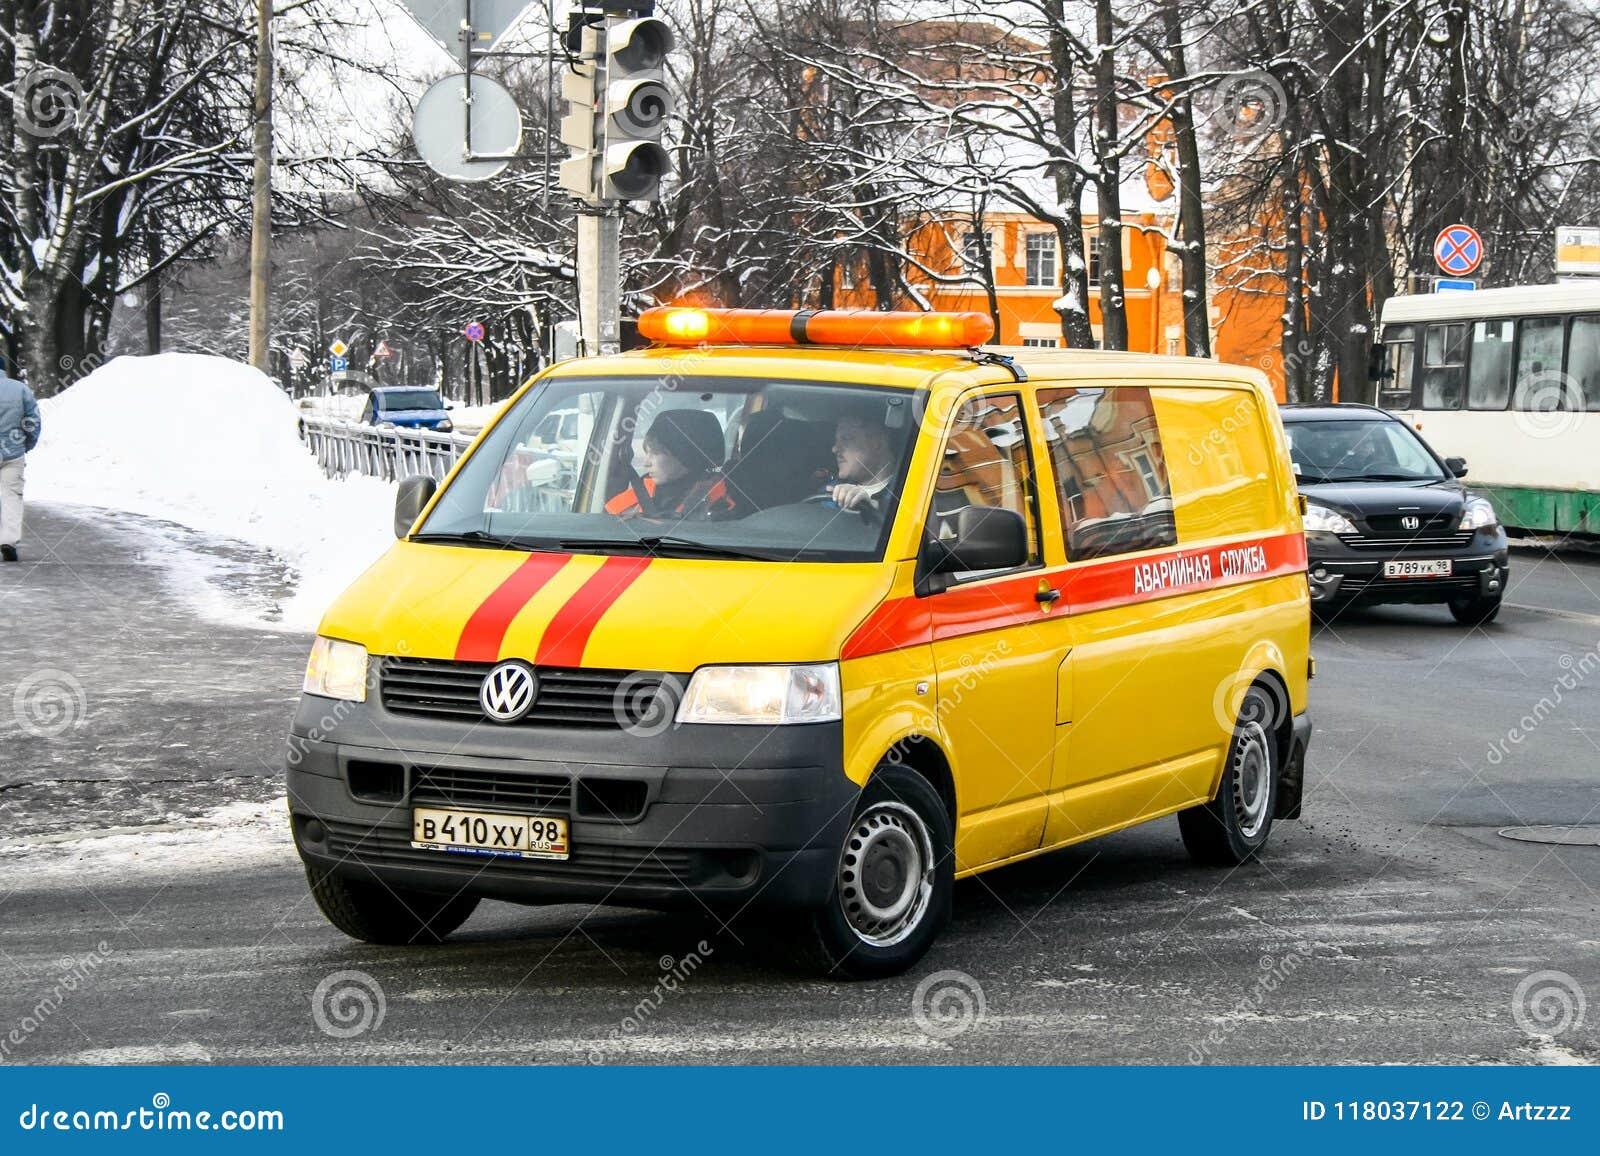 Фольксваген транспортер аварийный купить кузовное железо на фольксваген транспортер т4